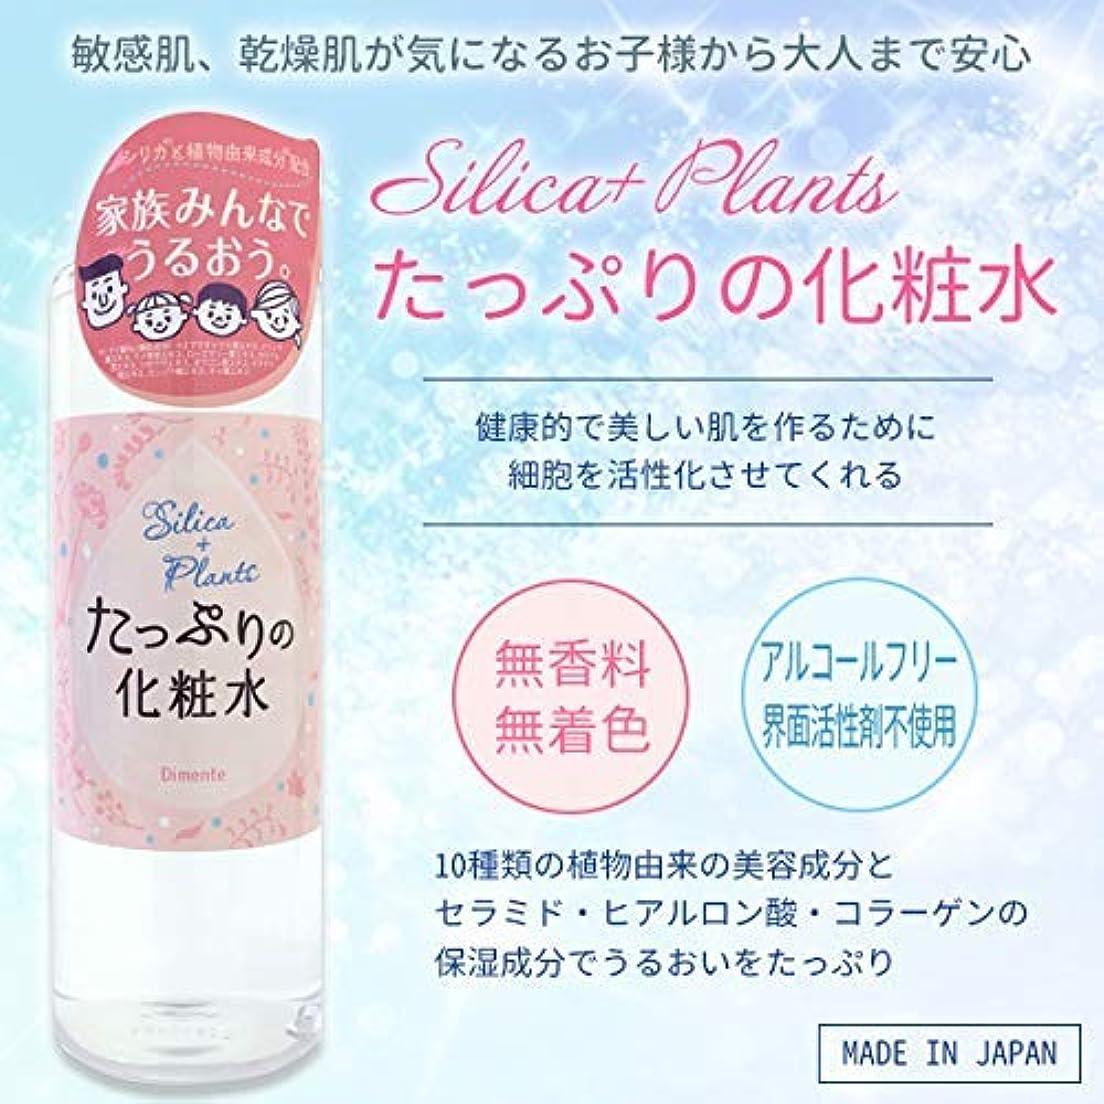 熟練した子供っぽい複合大容量500ml シリカ化粧水 Silica+Plants 500ml